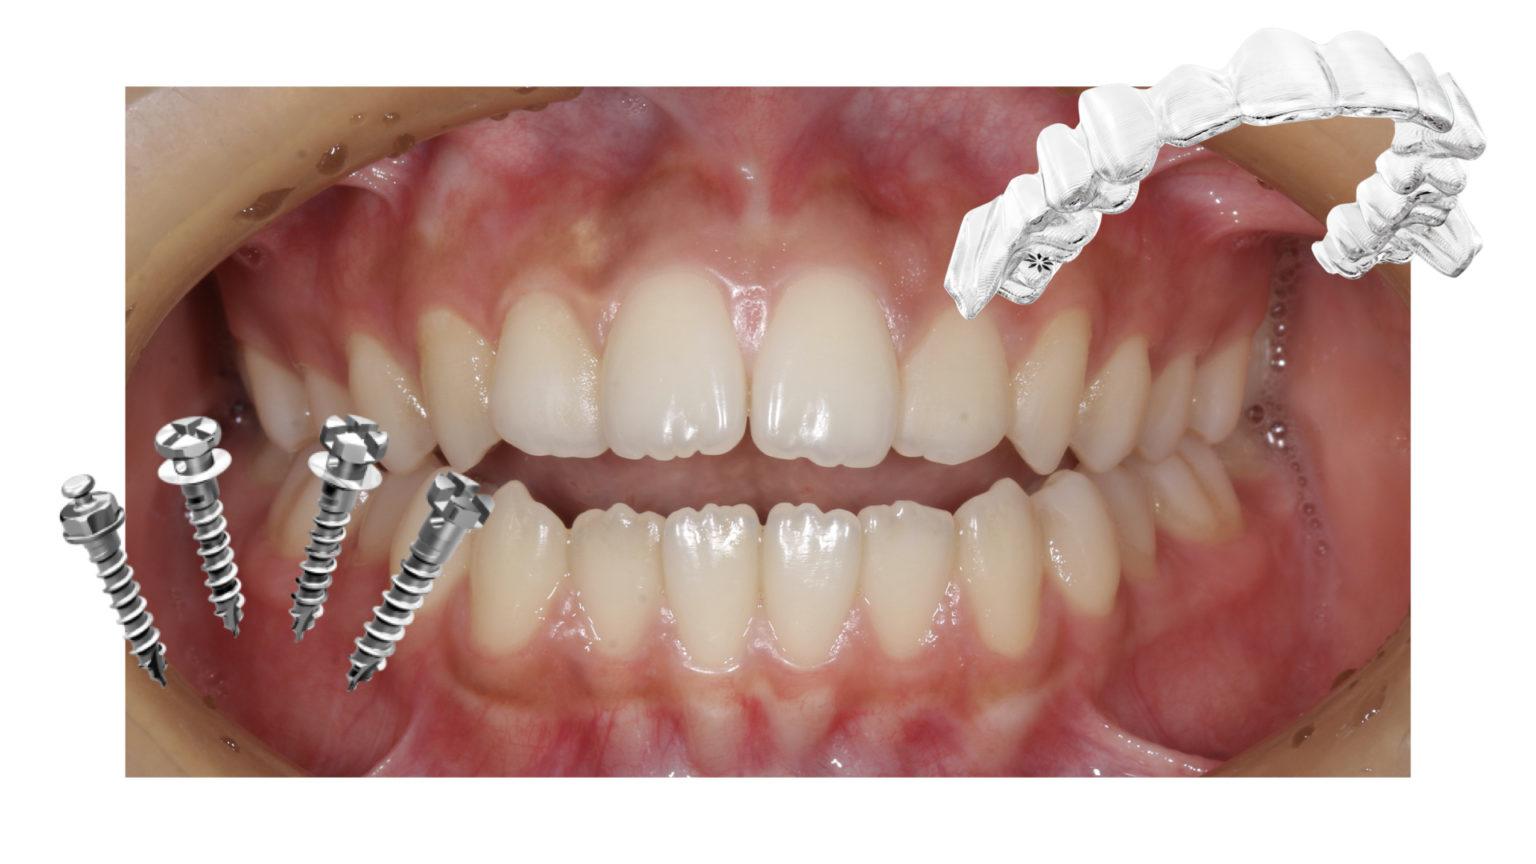 スクリュー と は アンカー アンカースクリュー矯正歯科治療